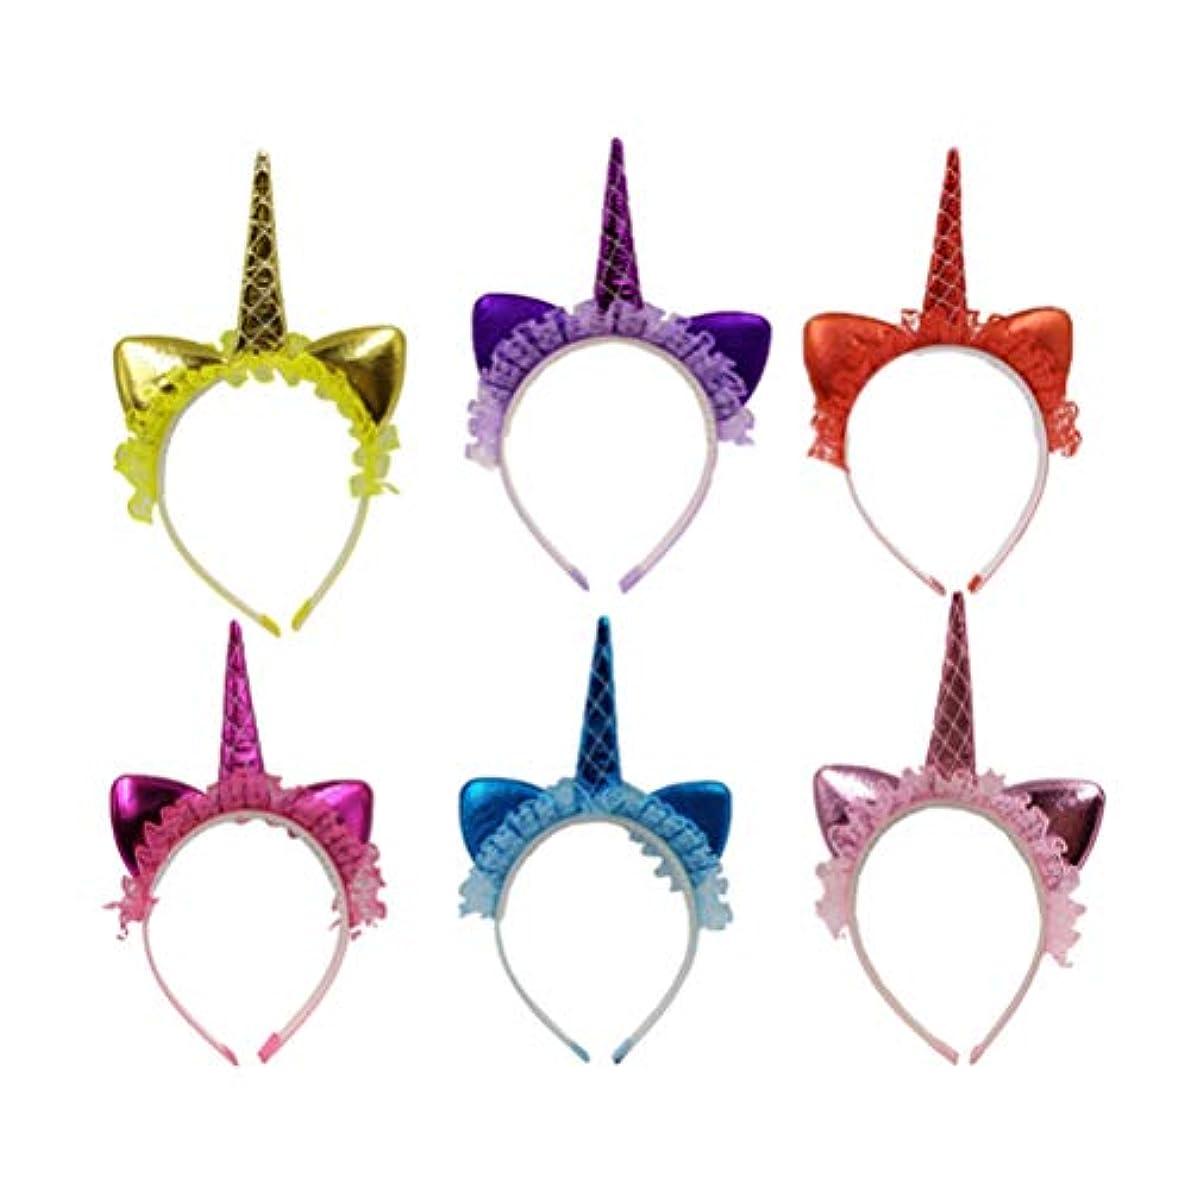 懇願する運命的な検出器NUOBESTY 6PCS女の子女性子供パフォーマンスのコスプレ衣装パーティーのためのユニコーンヘッドバンドのレースの花のホーンヘアフープヘッドピースの頭飾り